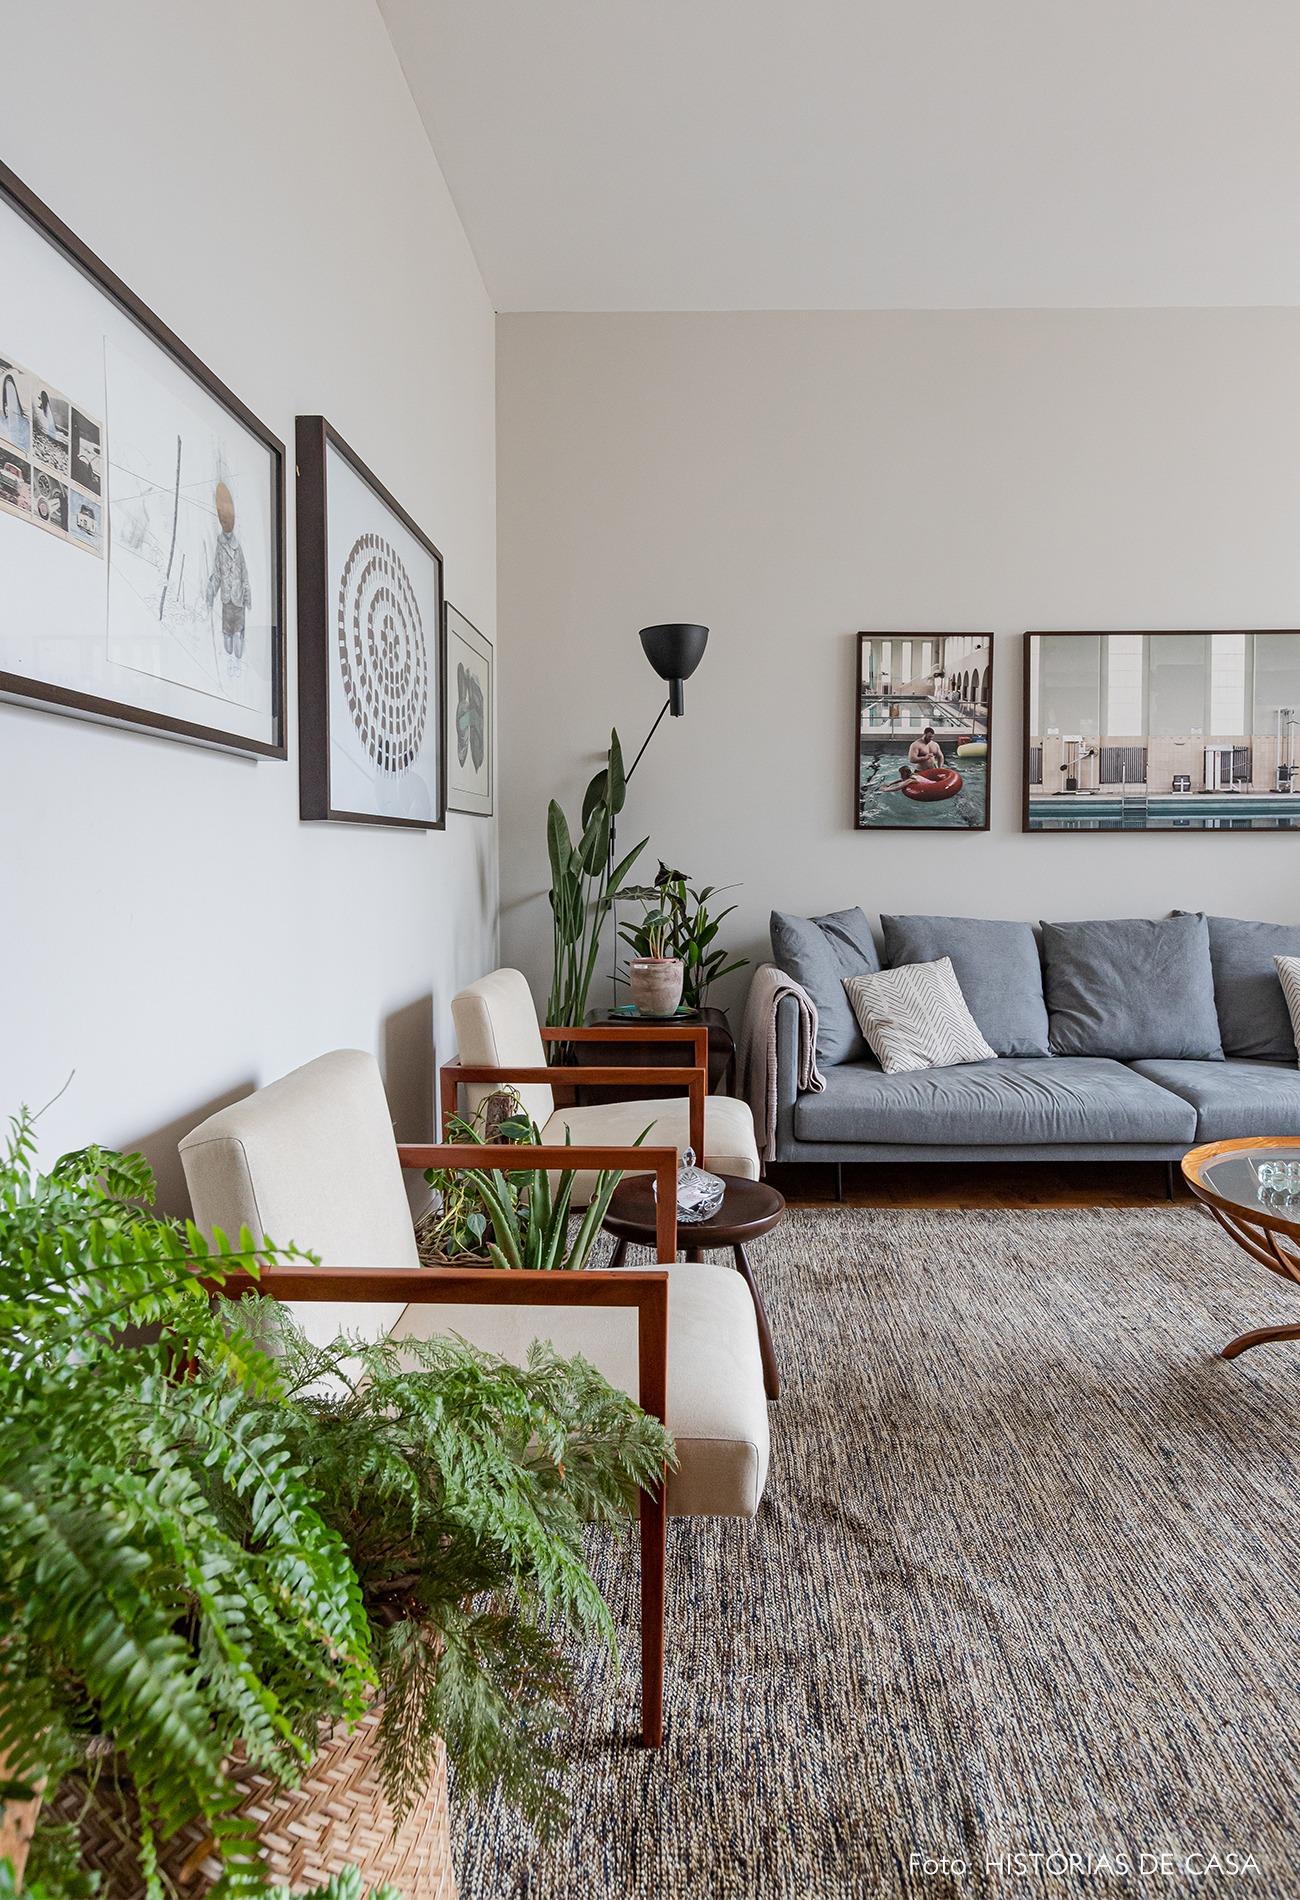 sala-tapete-sofa-cinza-cesto-planta-poltronas-brancas